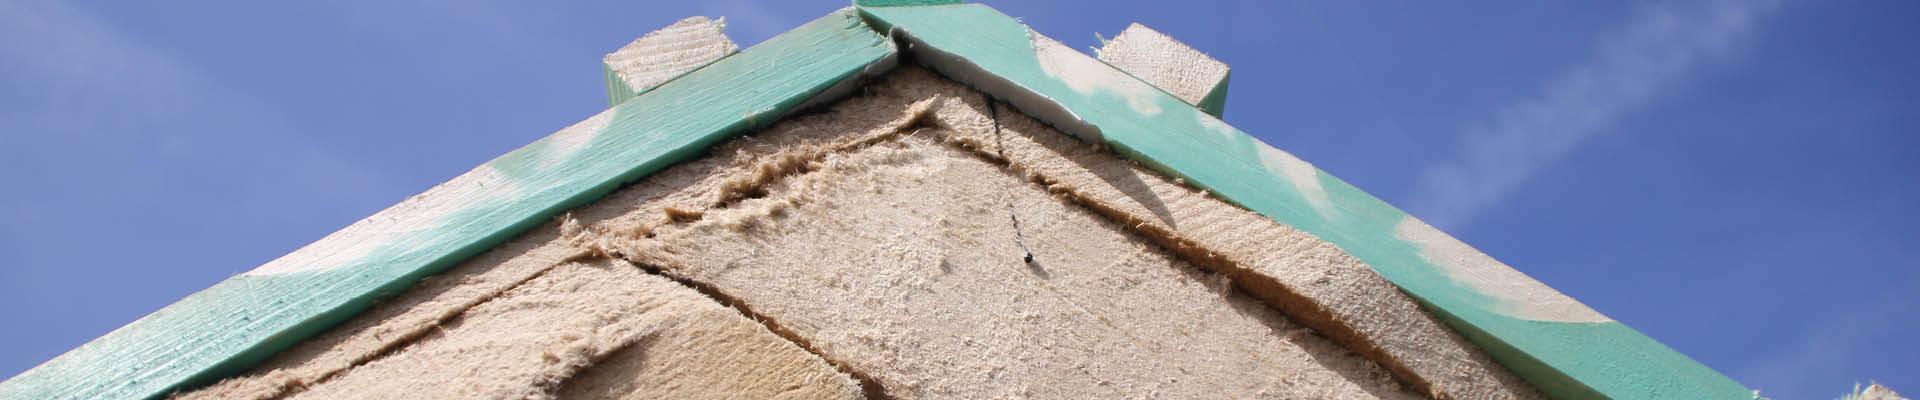 daken isoleren met oog op de toekomst